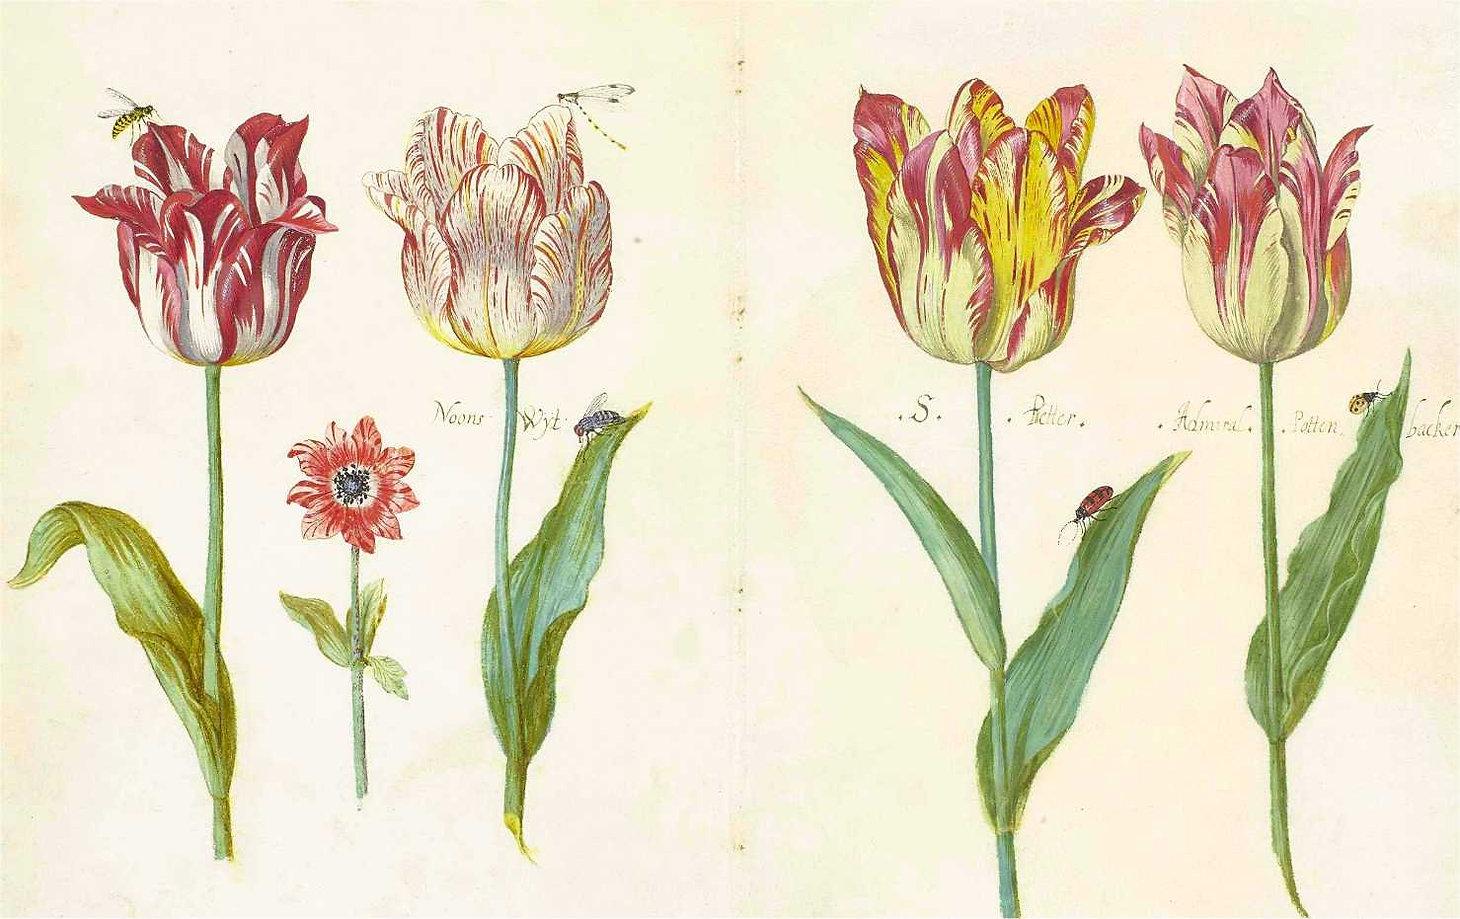 tulipes-livre-jacob marrel-circa 1640.jp